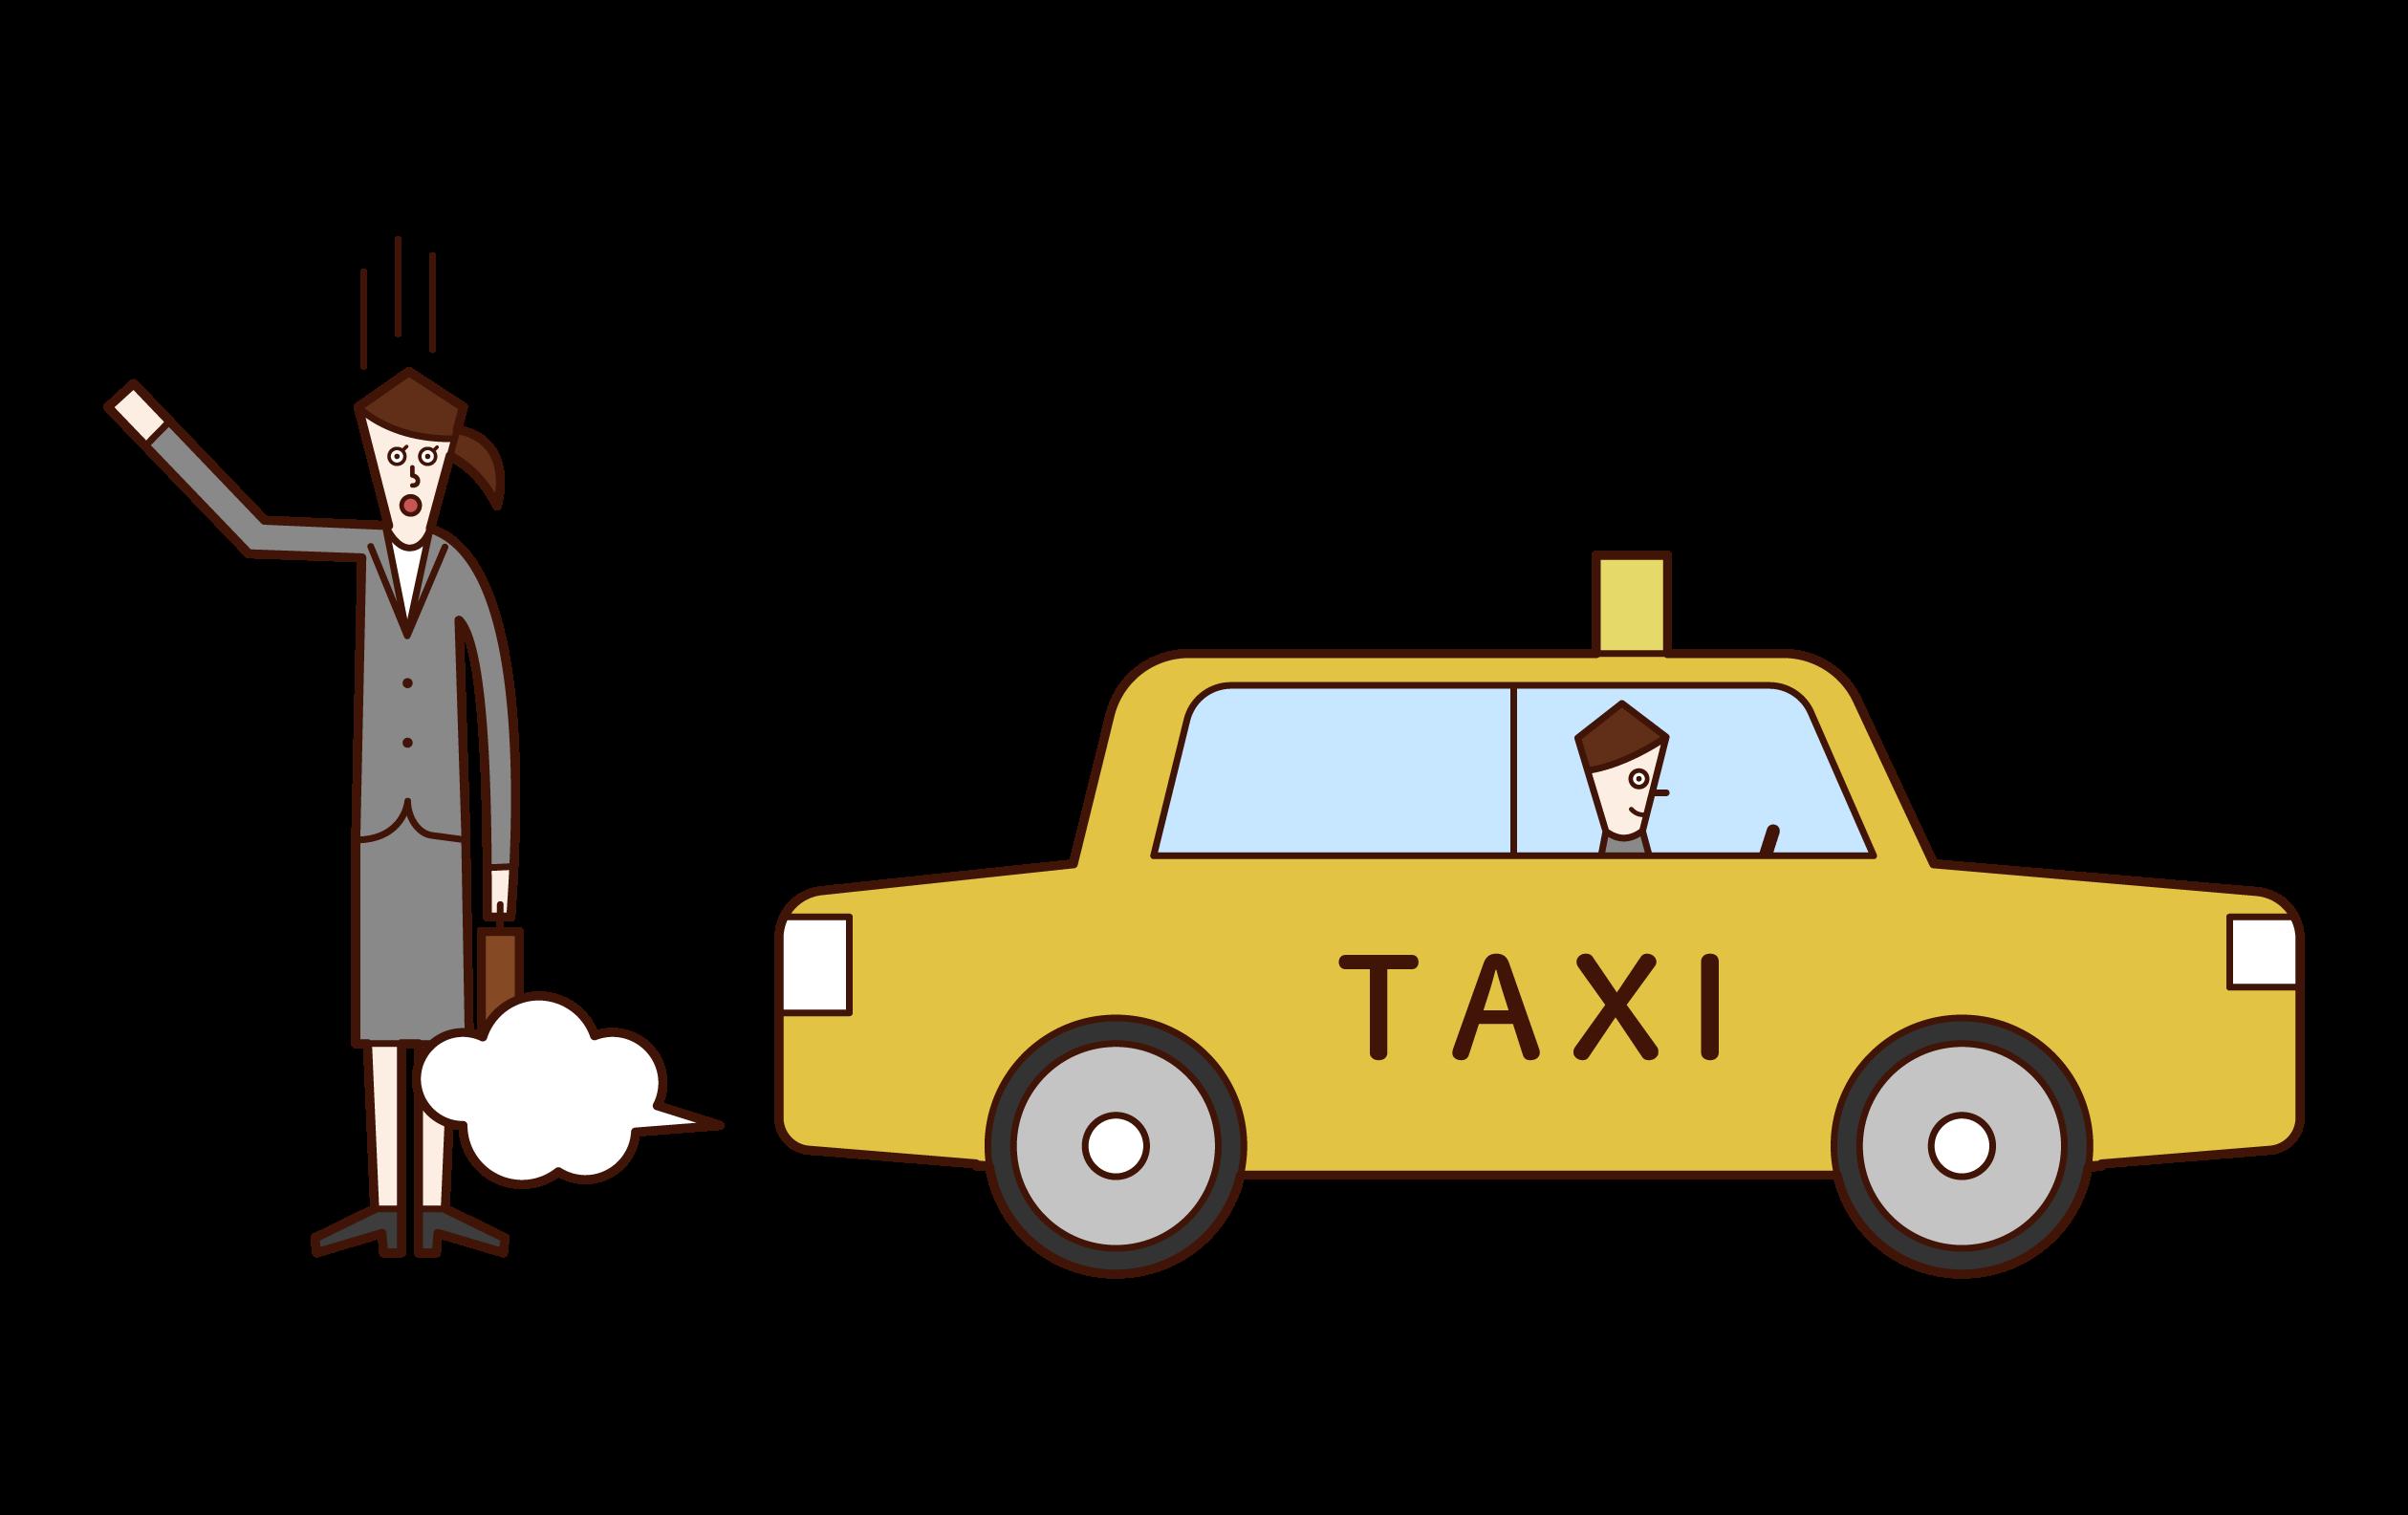 택시를 잡지 못한 여성의 일러스트